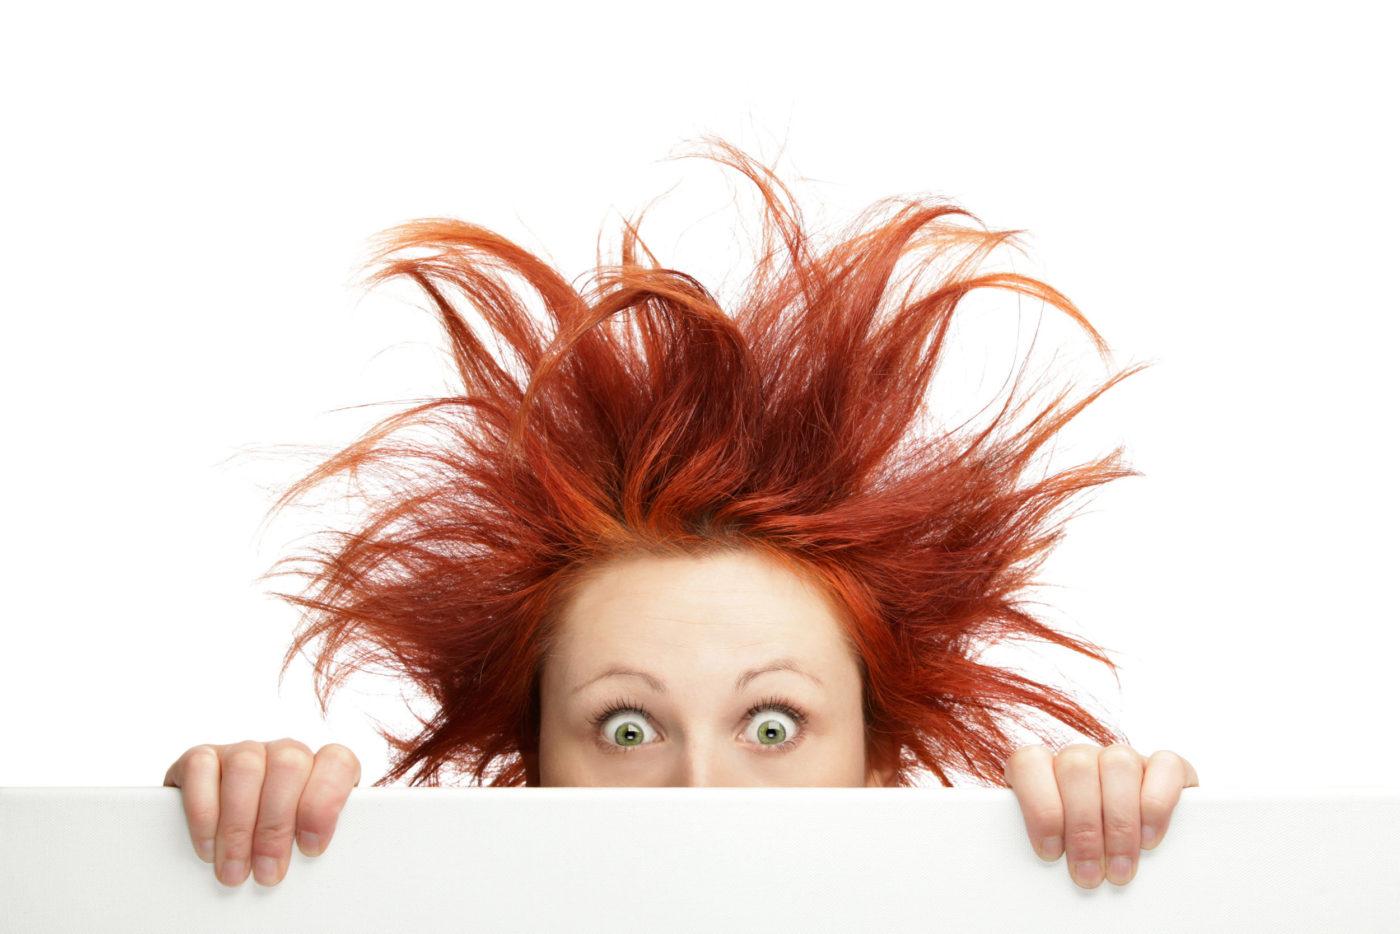 Конкурса, картинки смешные про волосы